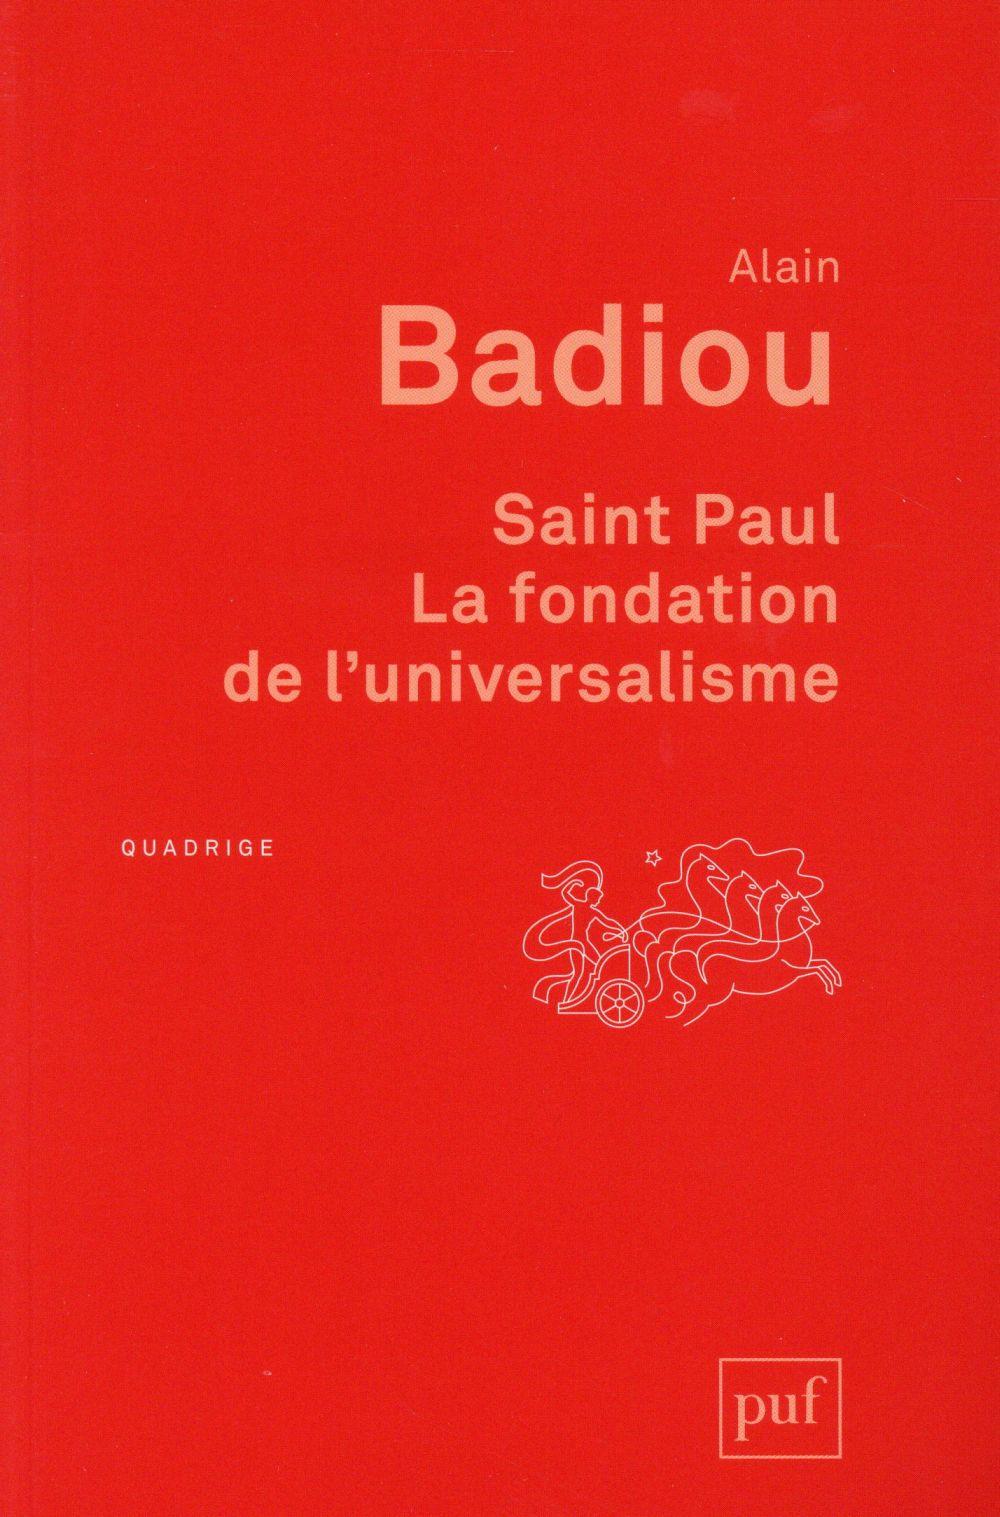 Saint Paul, la fondation de l'universalisme